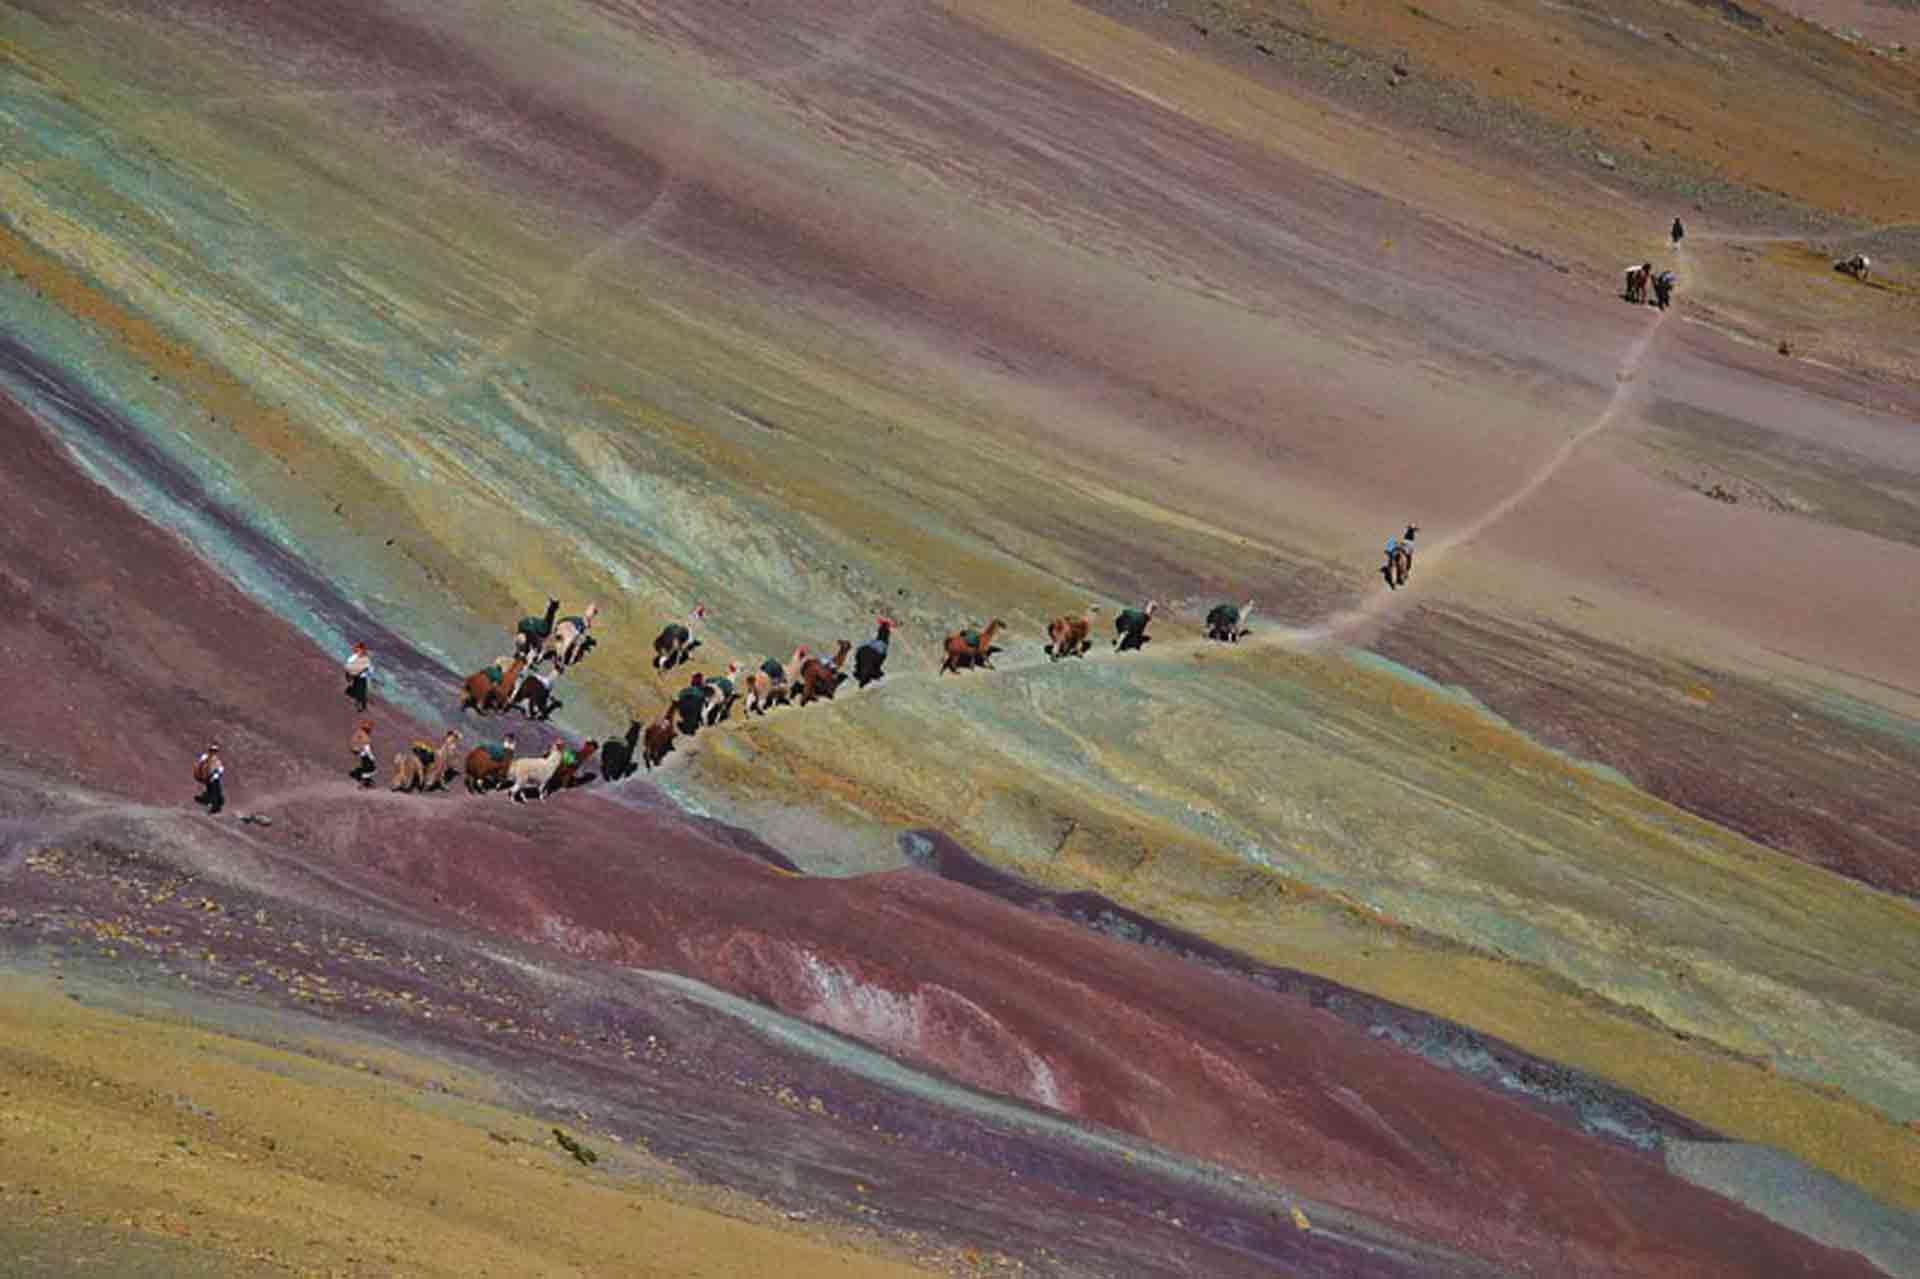 Alpacas and horses going Vinicunca, Winikunka - Montaña de Siete Colores